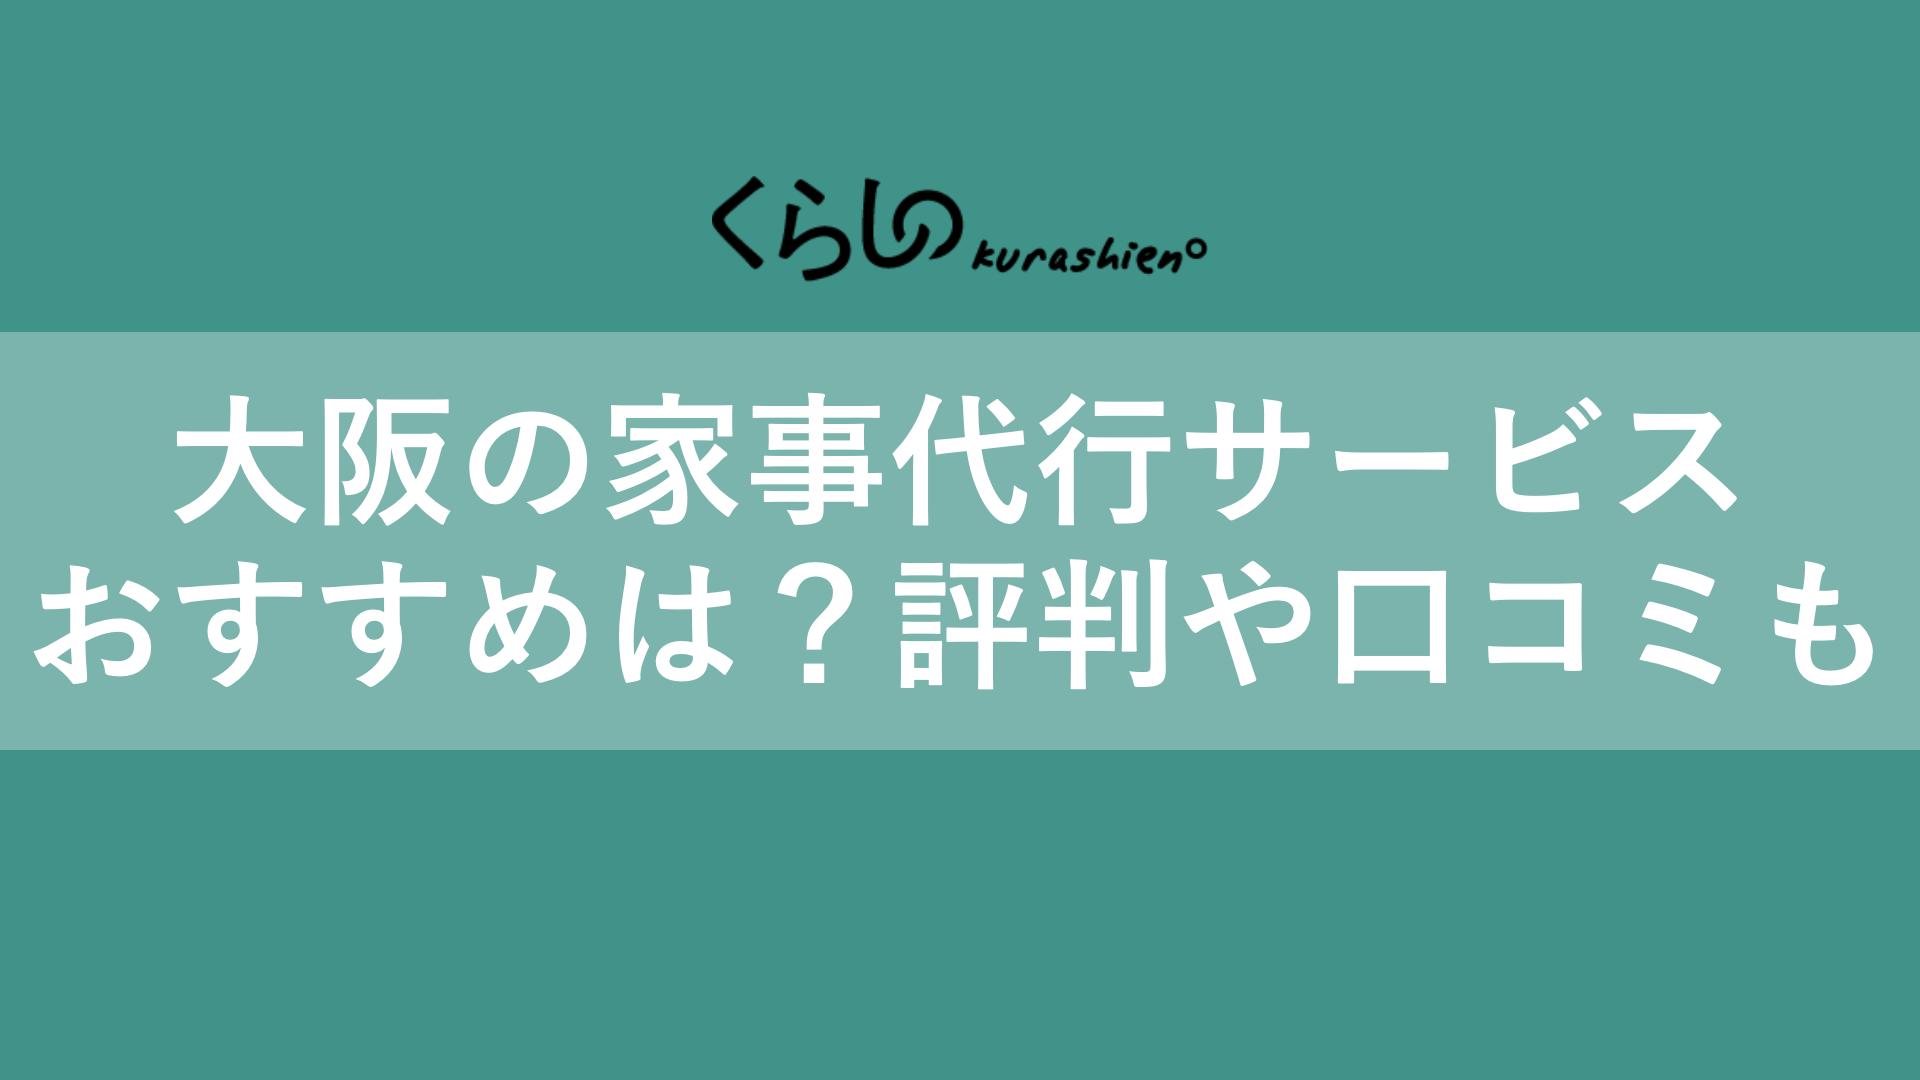 大阪府の家事代行サービス徹底比較!おすすめは?地域密着型のサービスも